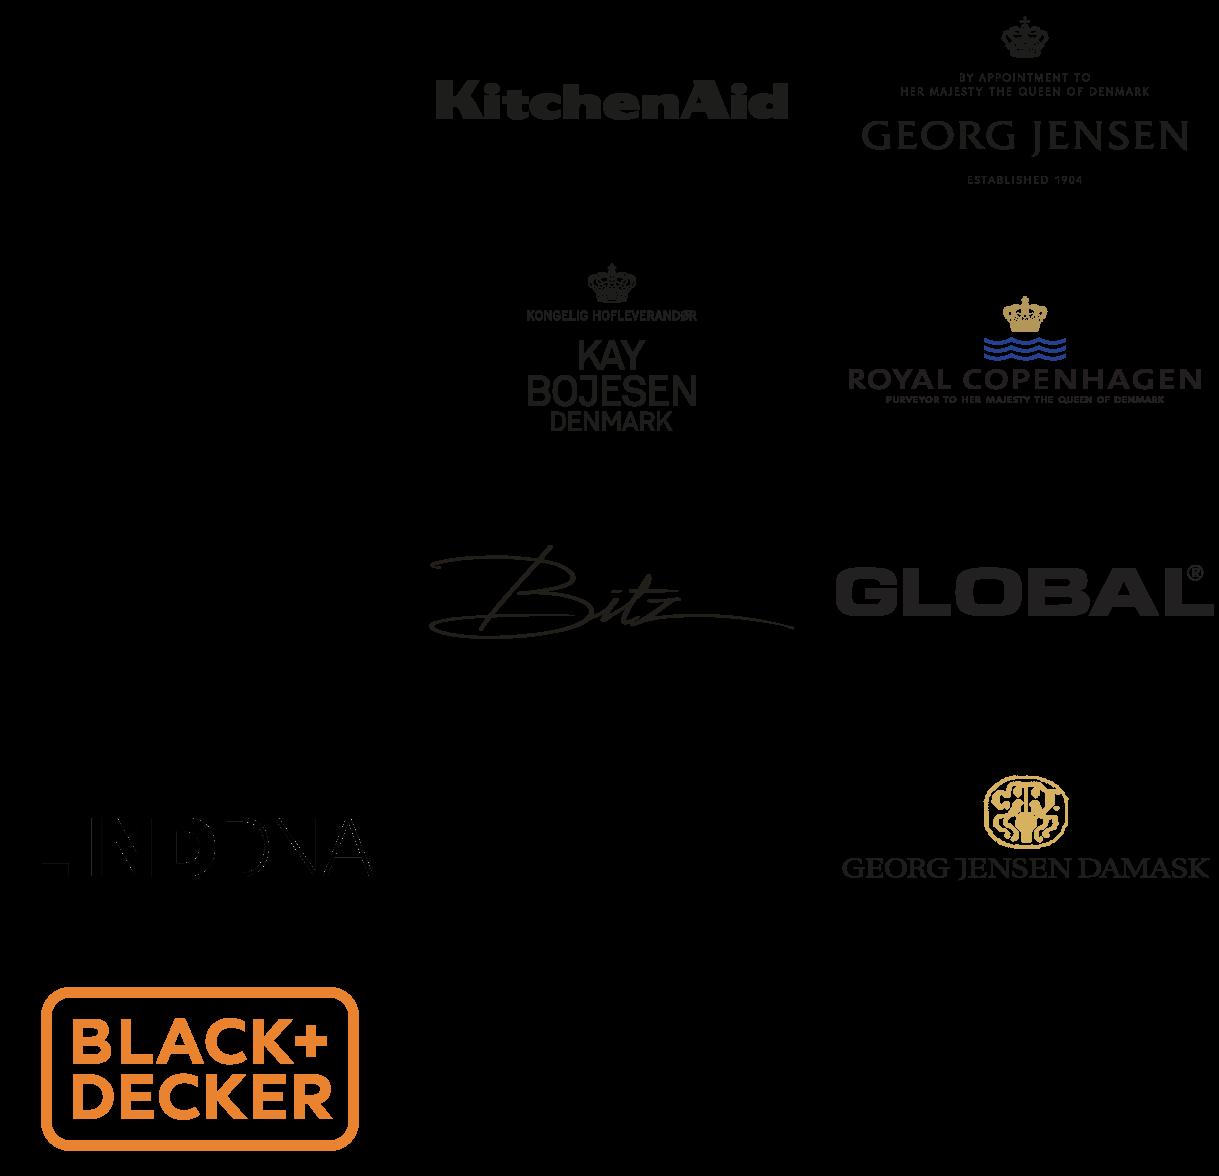 Ecooking, Kitchenaid, Georg Jensen, LIND DNA, Summerbird, mm. logoer